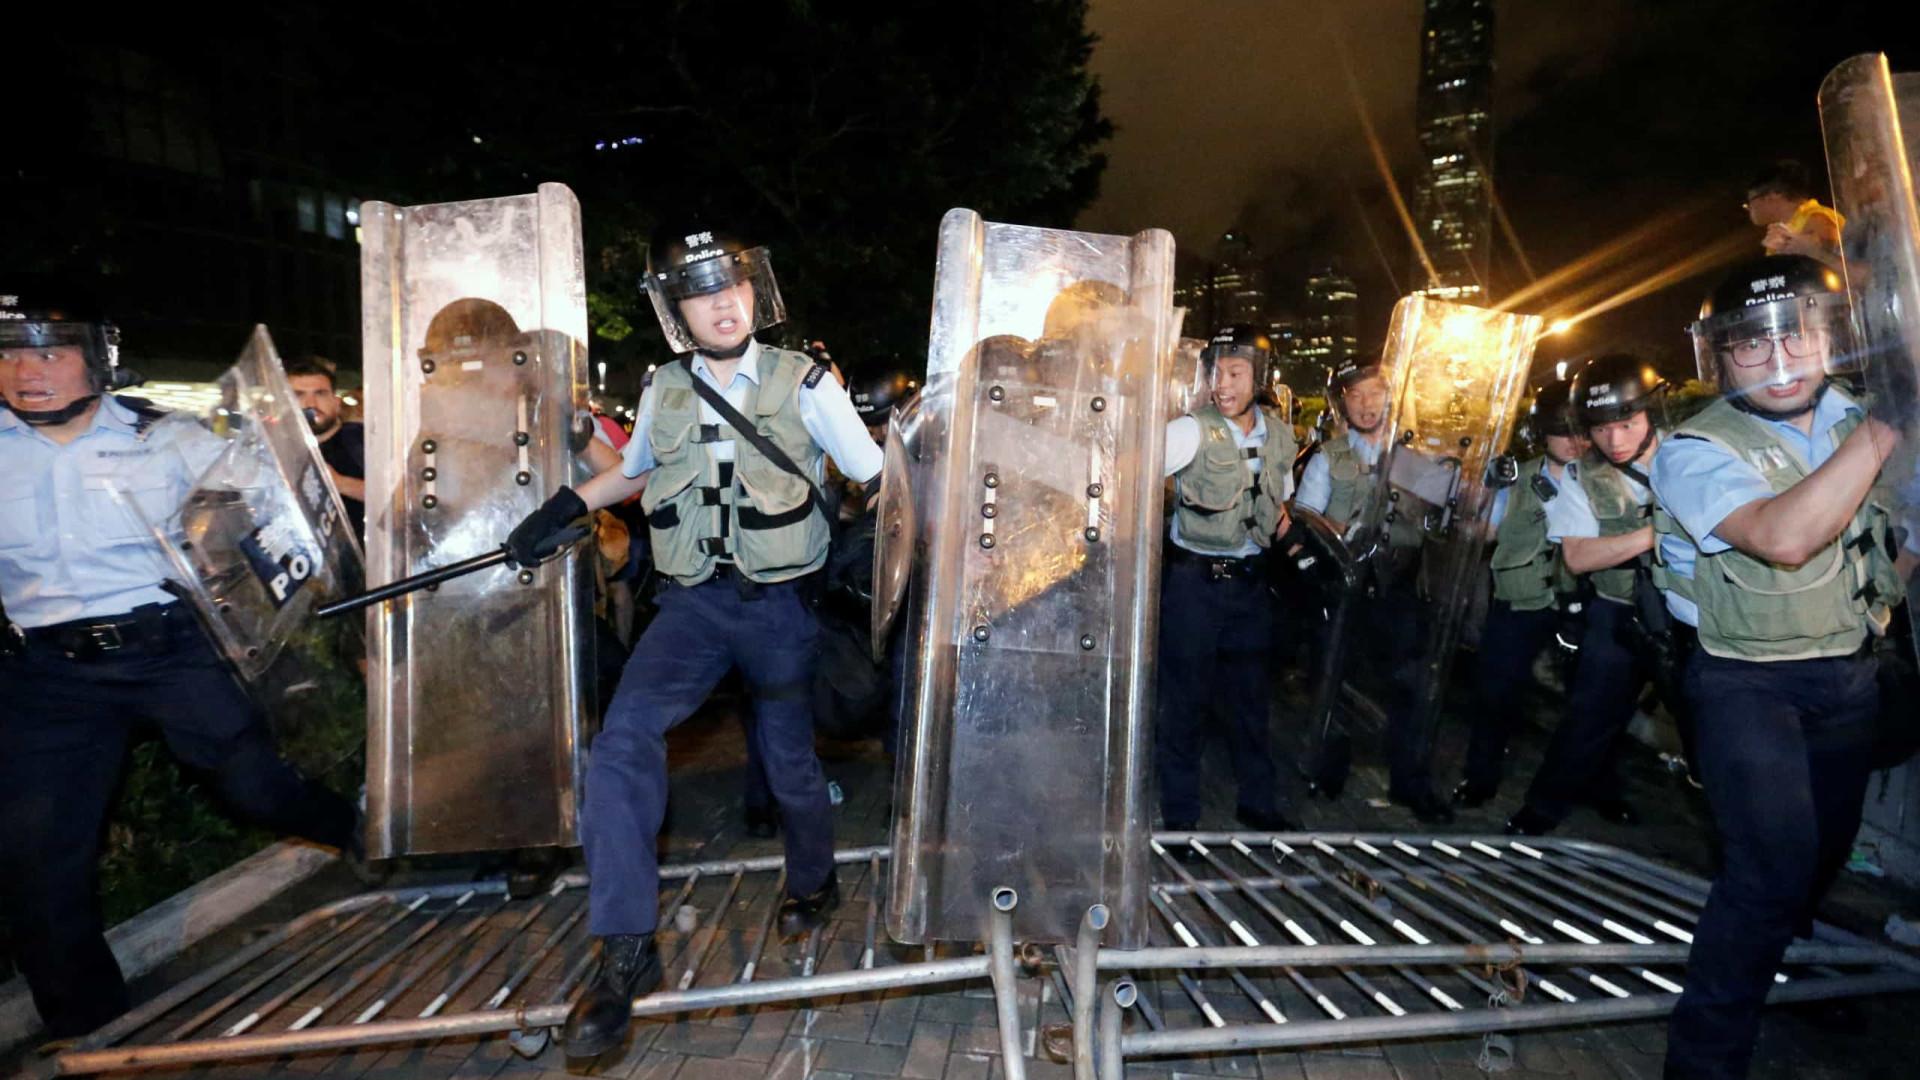 Milhares de pessoas protestam em Hong Kong contra projeto de lei